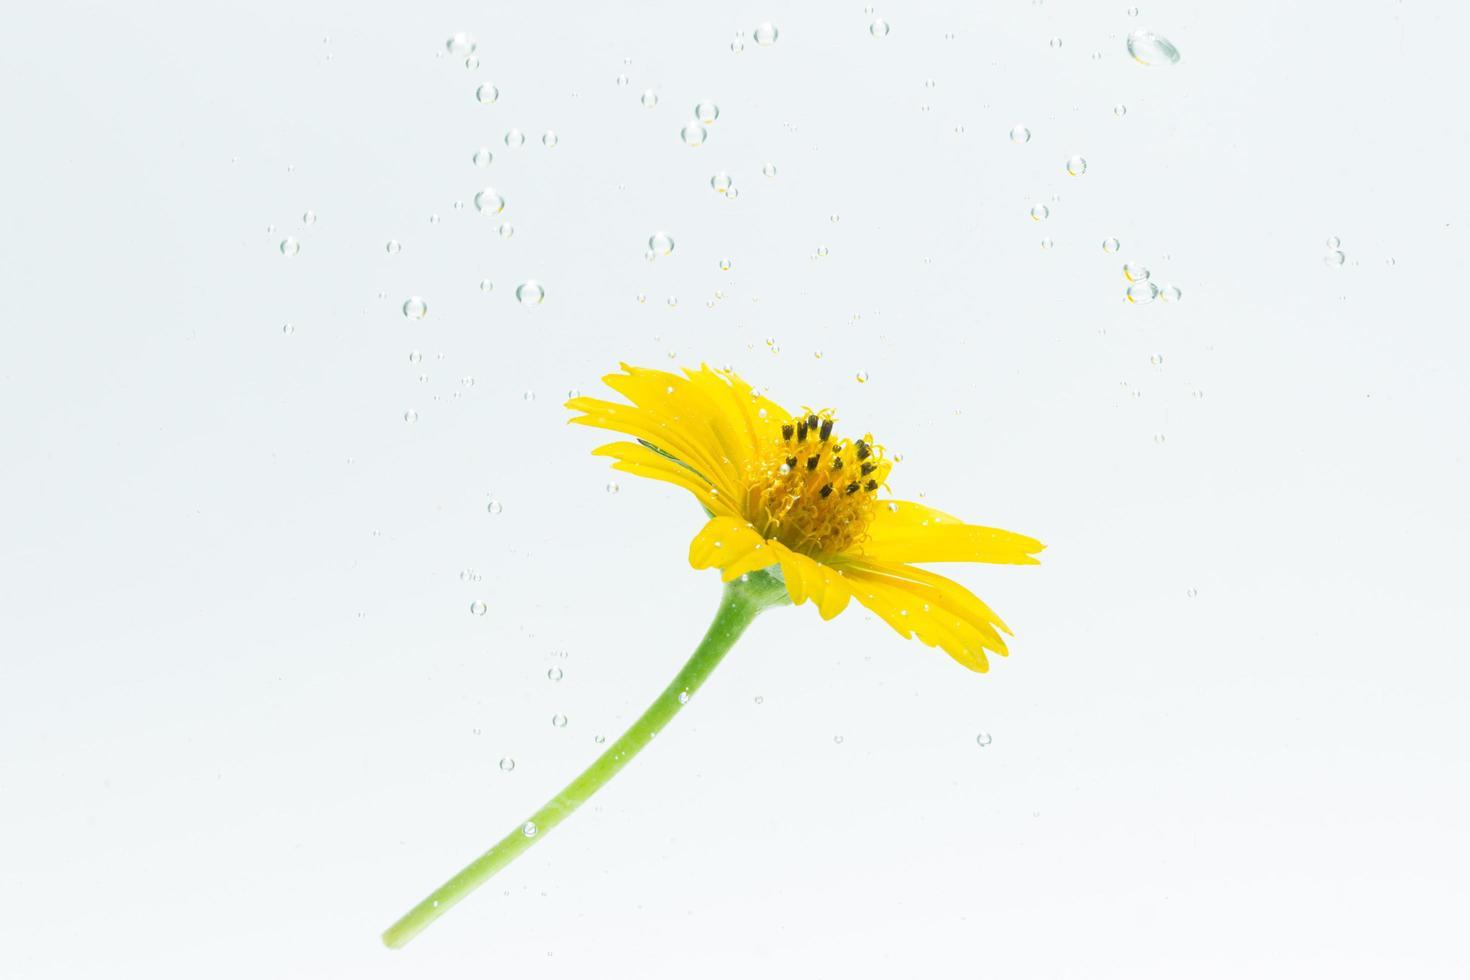 primo piano di un fiore giallo in acqua foto